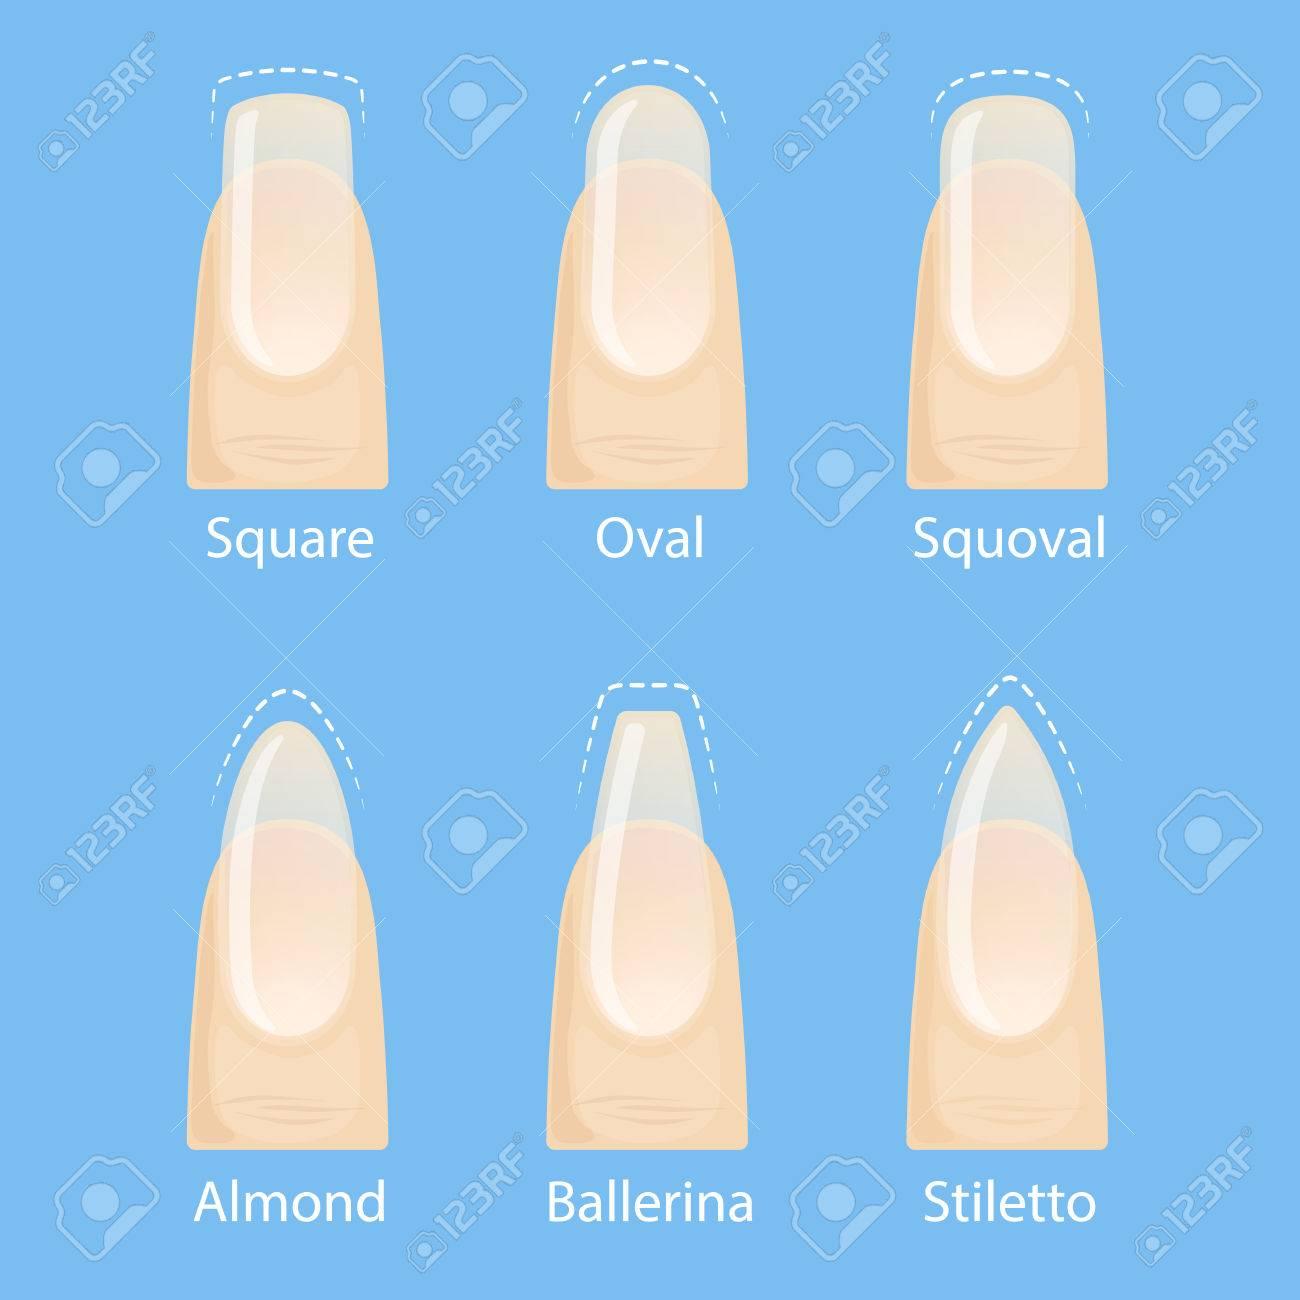 nagel maniküre, satz von nägel formen - oval, quadratisch, mandel